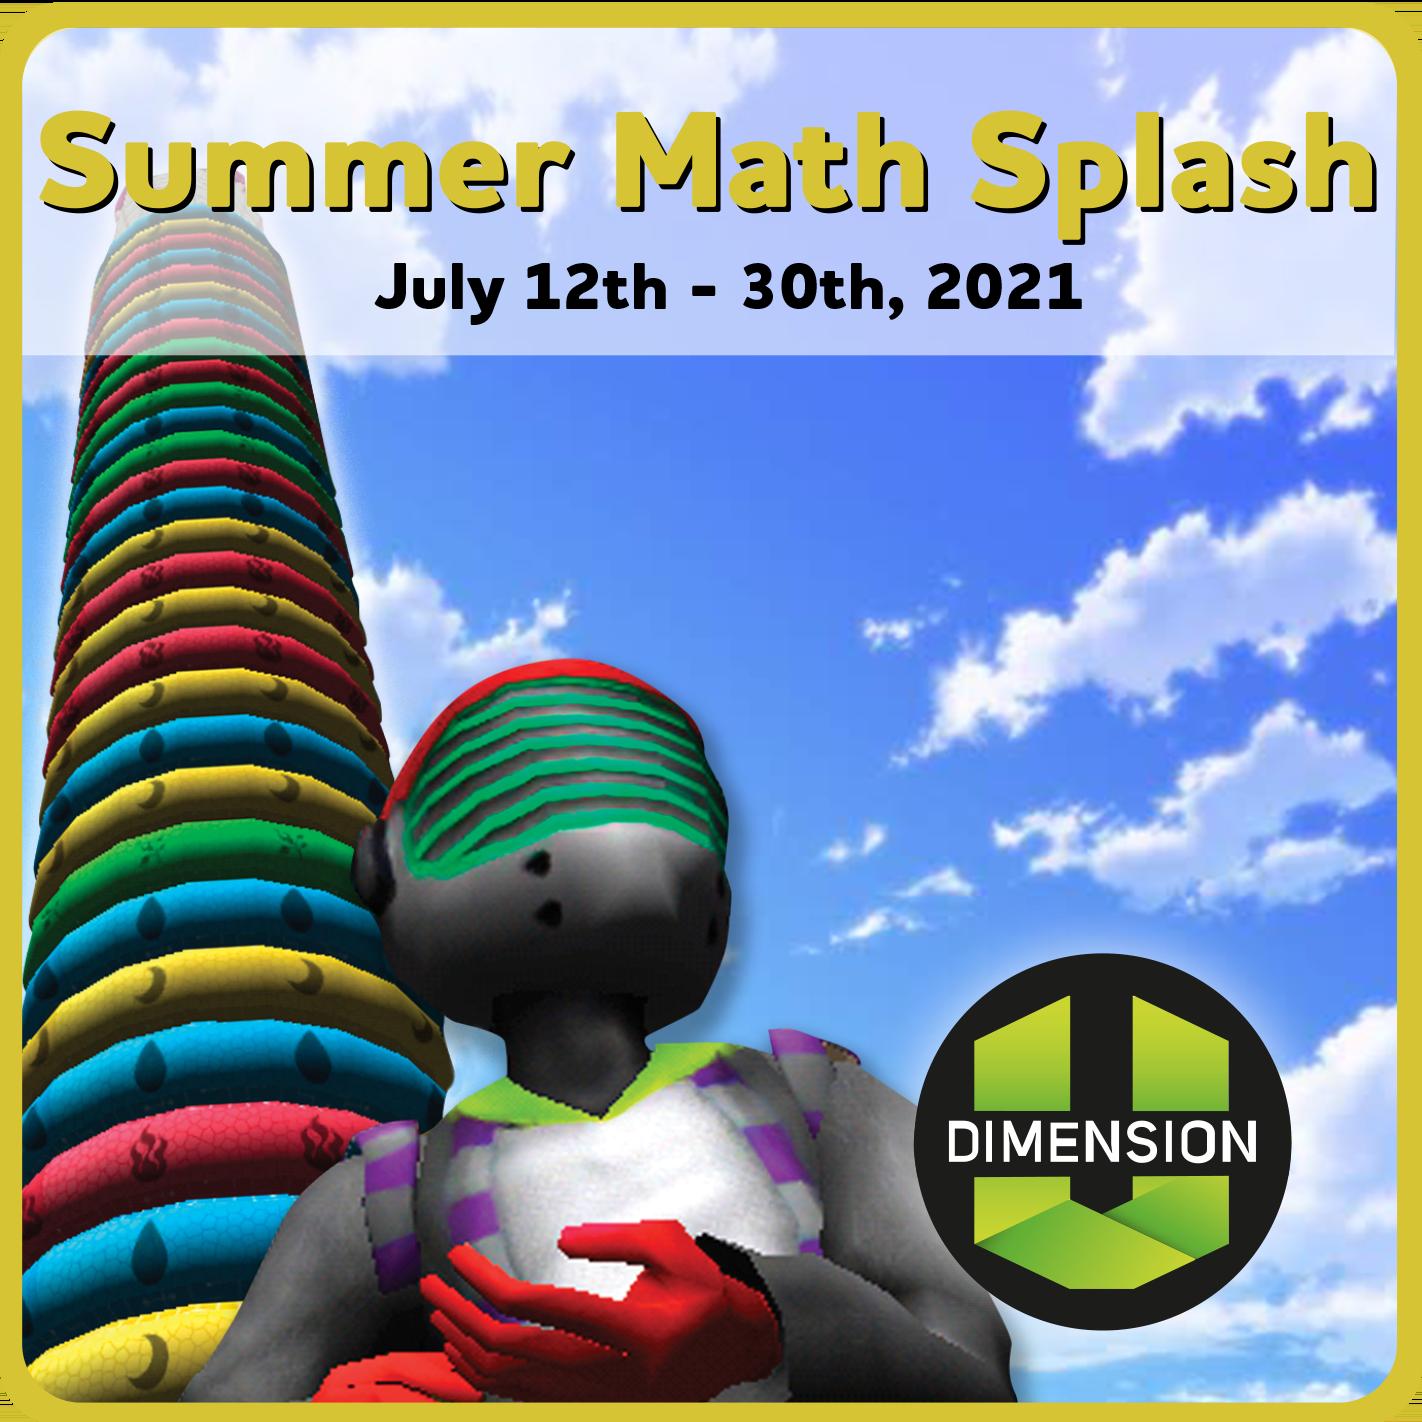 Summer Math Splash 2021